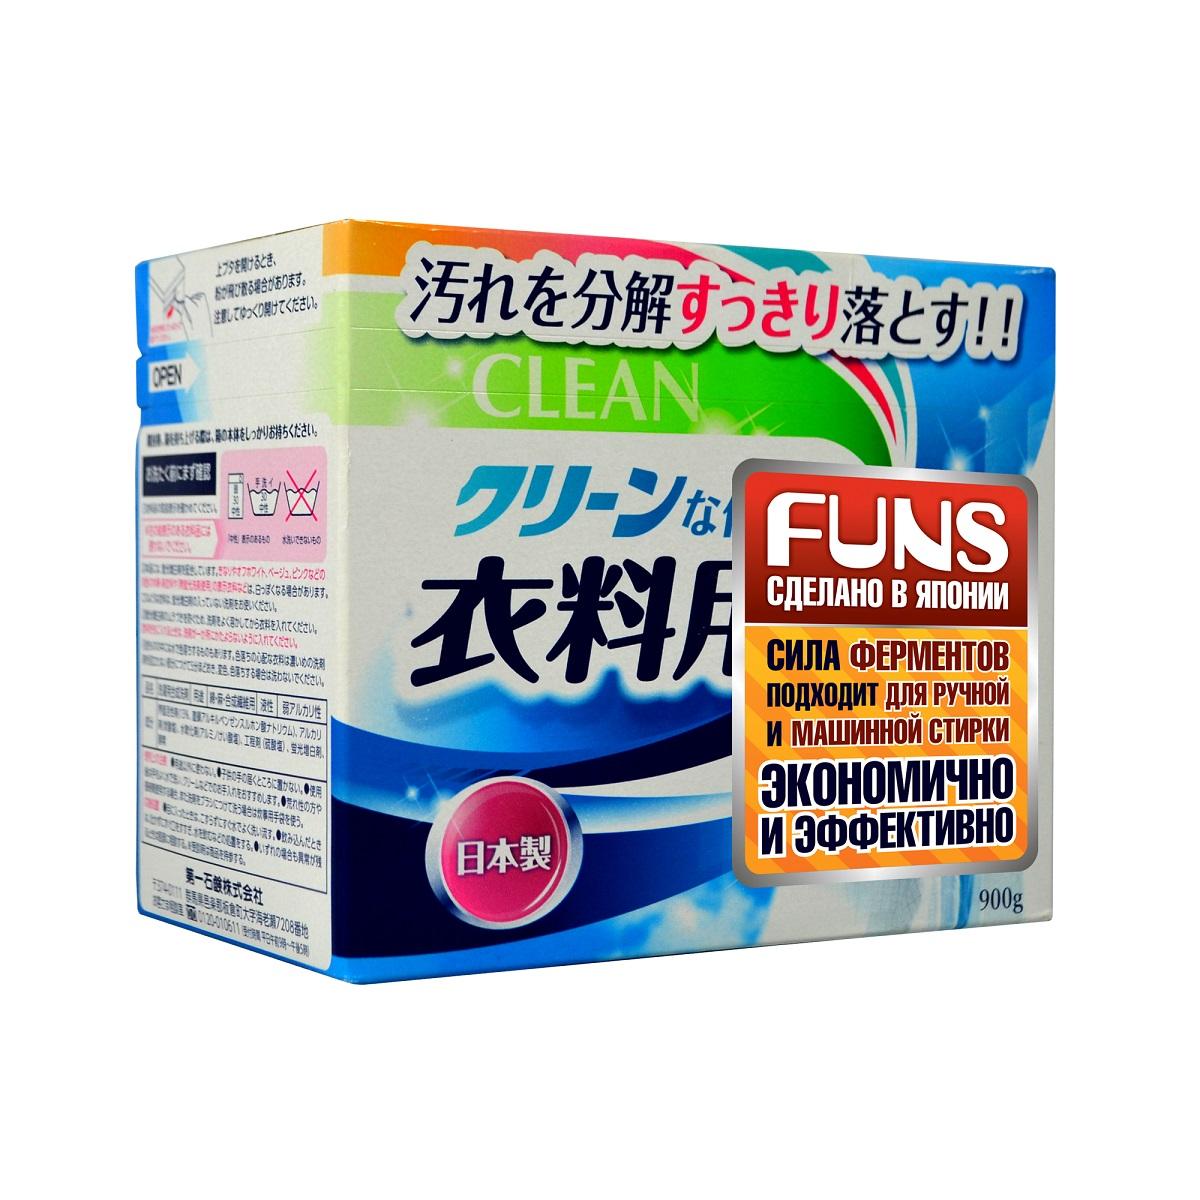 FUNS Clean Порошок стиральный с ферментом яичного белка для полного устранения пятен 900 г38452Стиральный порошок Funs Clean очищает, с помощью фермента яичного белка проникает вглубь волокон, устраняя даже застарелые пятна. Обладает нежным цветочным ароматом. Особенно эффективно очищает воротники и манжеты рубашек. Подходит как для ручной, так и машинной стирки. Настоящее японское качество для ваших вещей. Состав: ПАВ (13%, натрия линейный алкилбензолсульфокислота), щелочной агент (карбонат), алюмосиликат (для смягчения воды), сульфаты, смягчитель, флуоресцентный отбеливающий агент, ферменты. Товар сертифицирован.